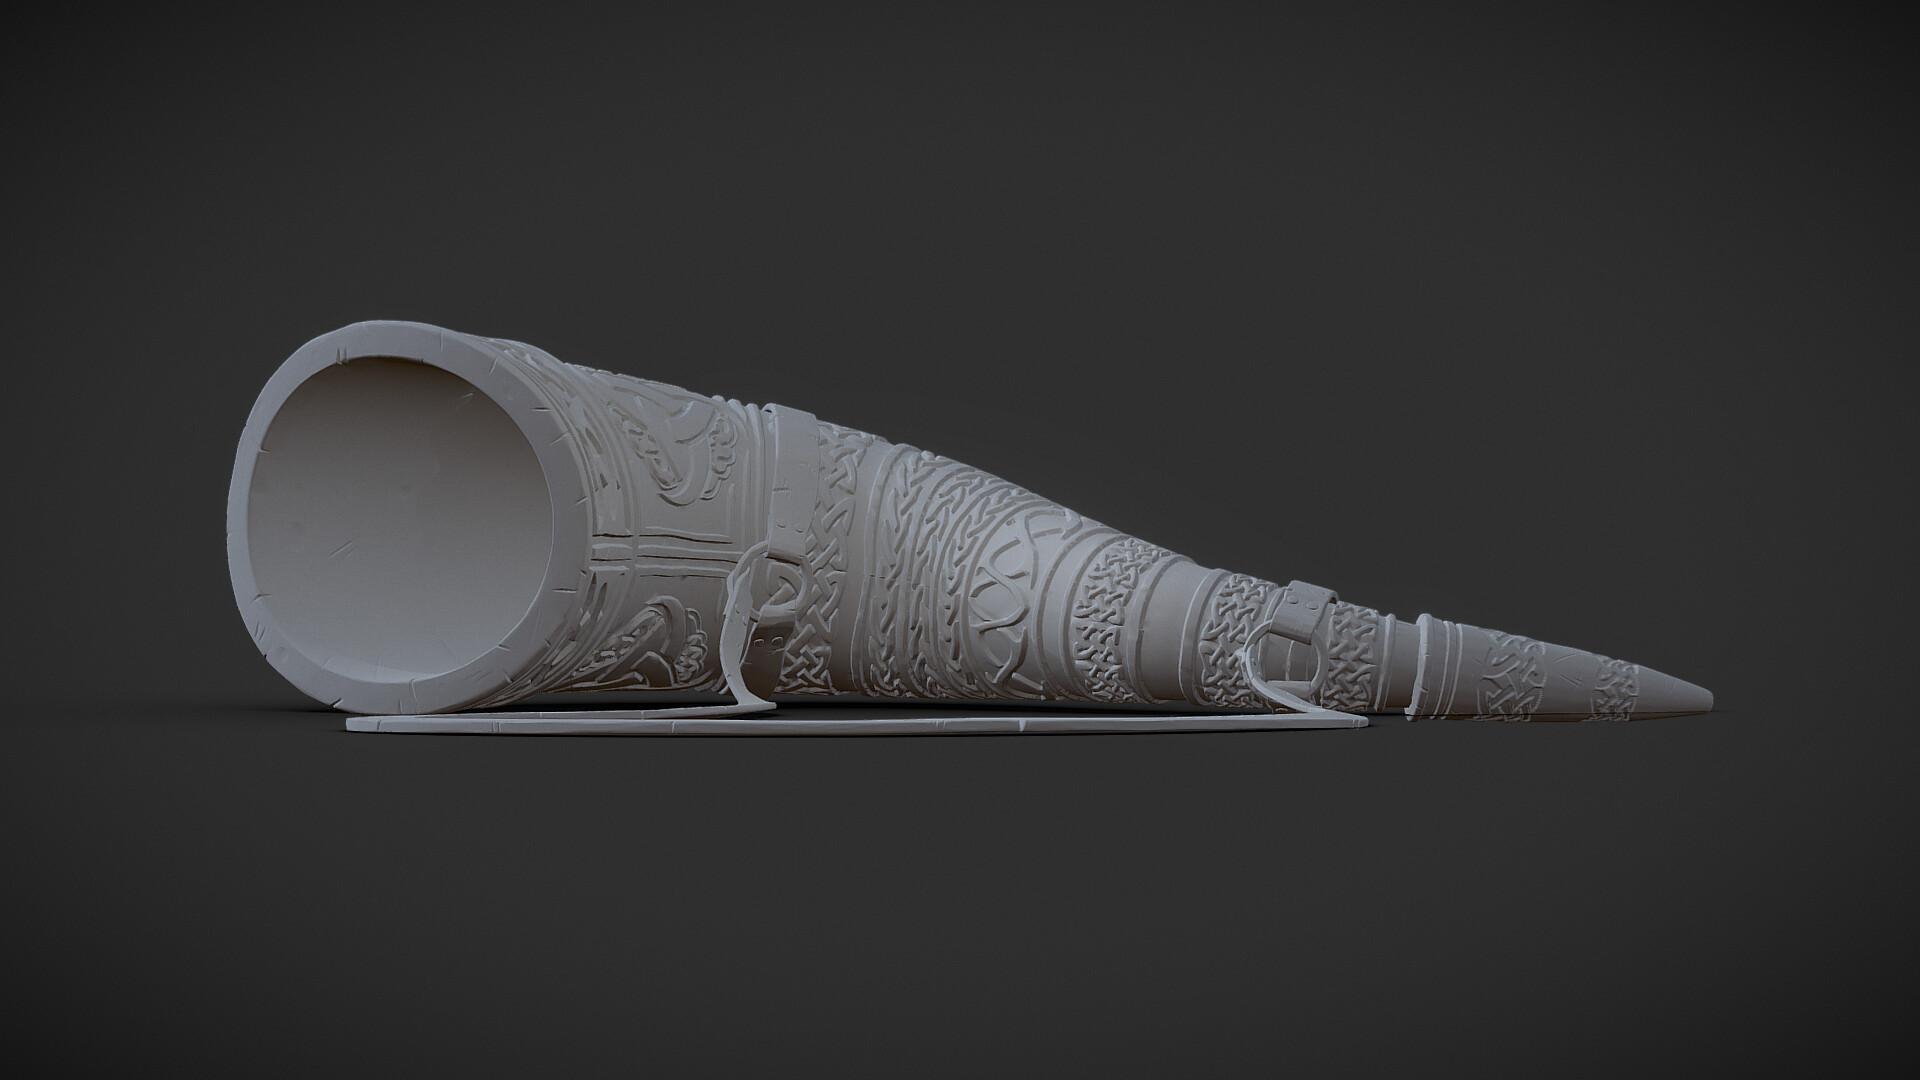 ArtStation - Viking Horn, Eddy Margueron